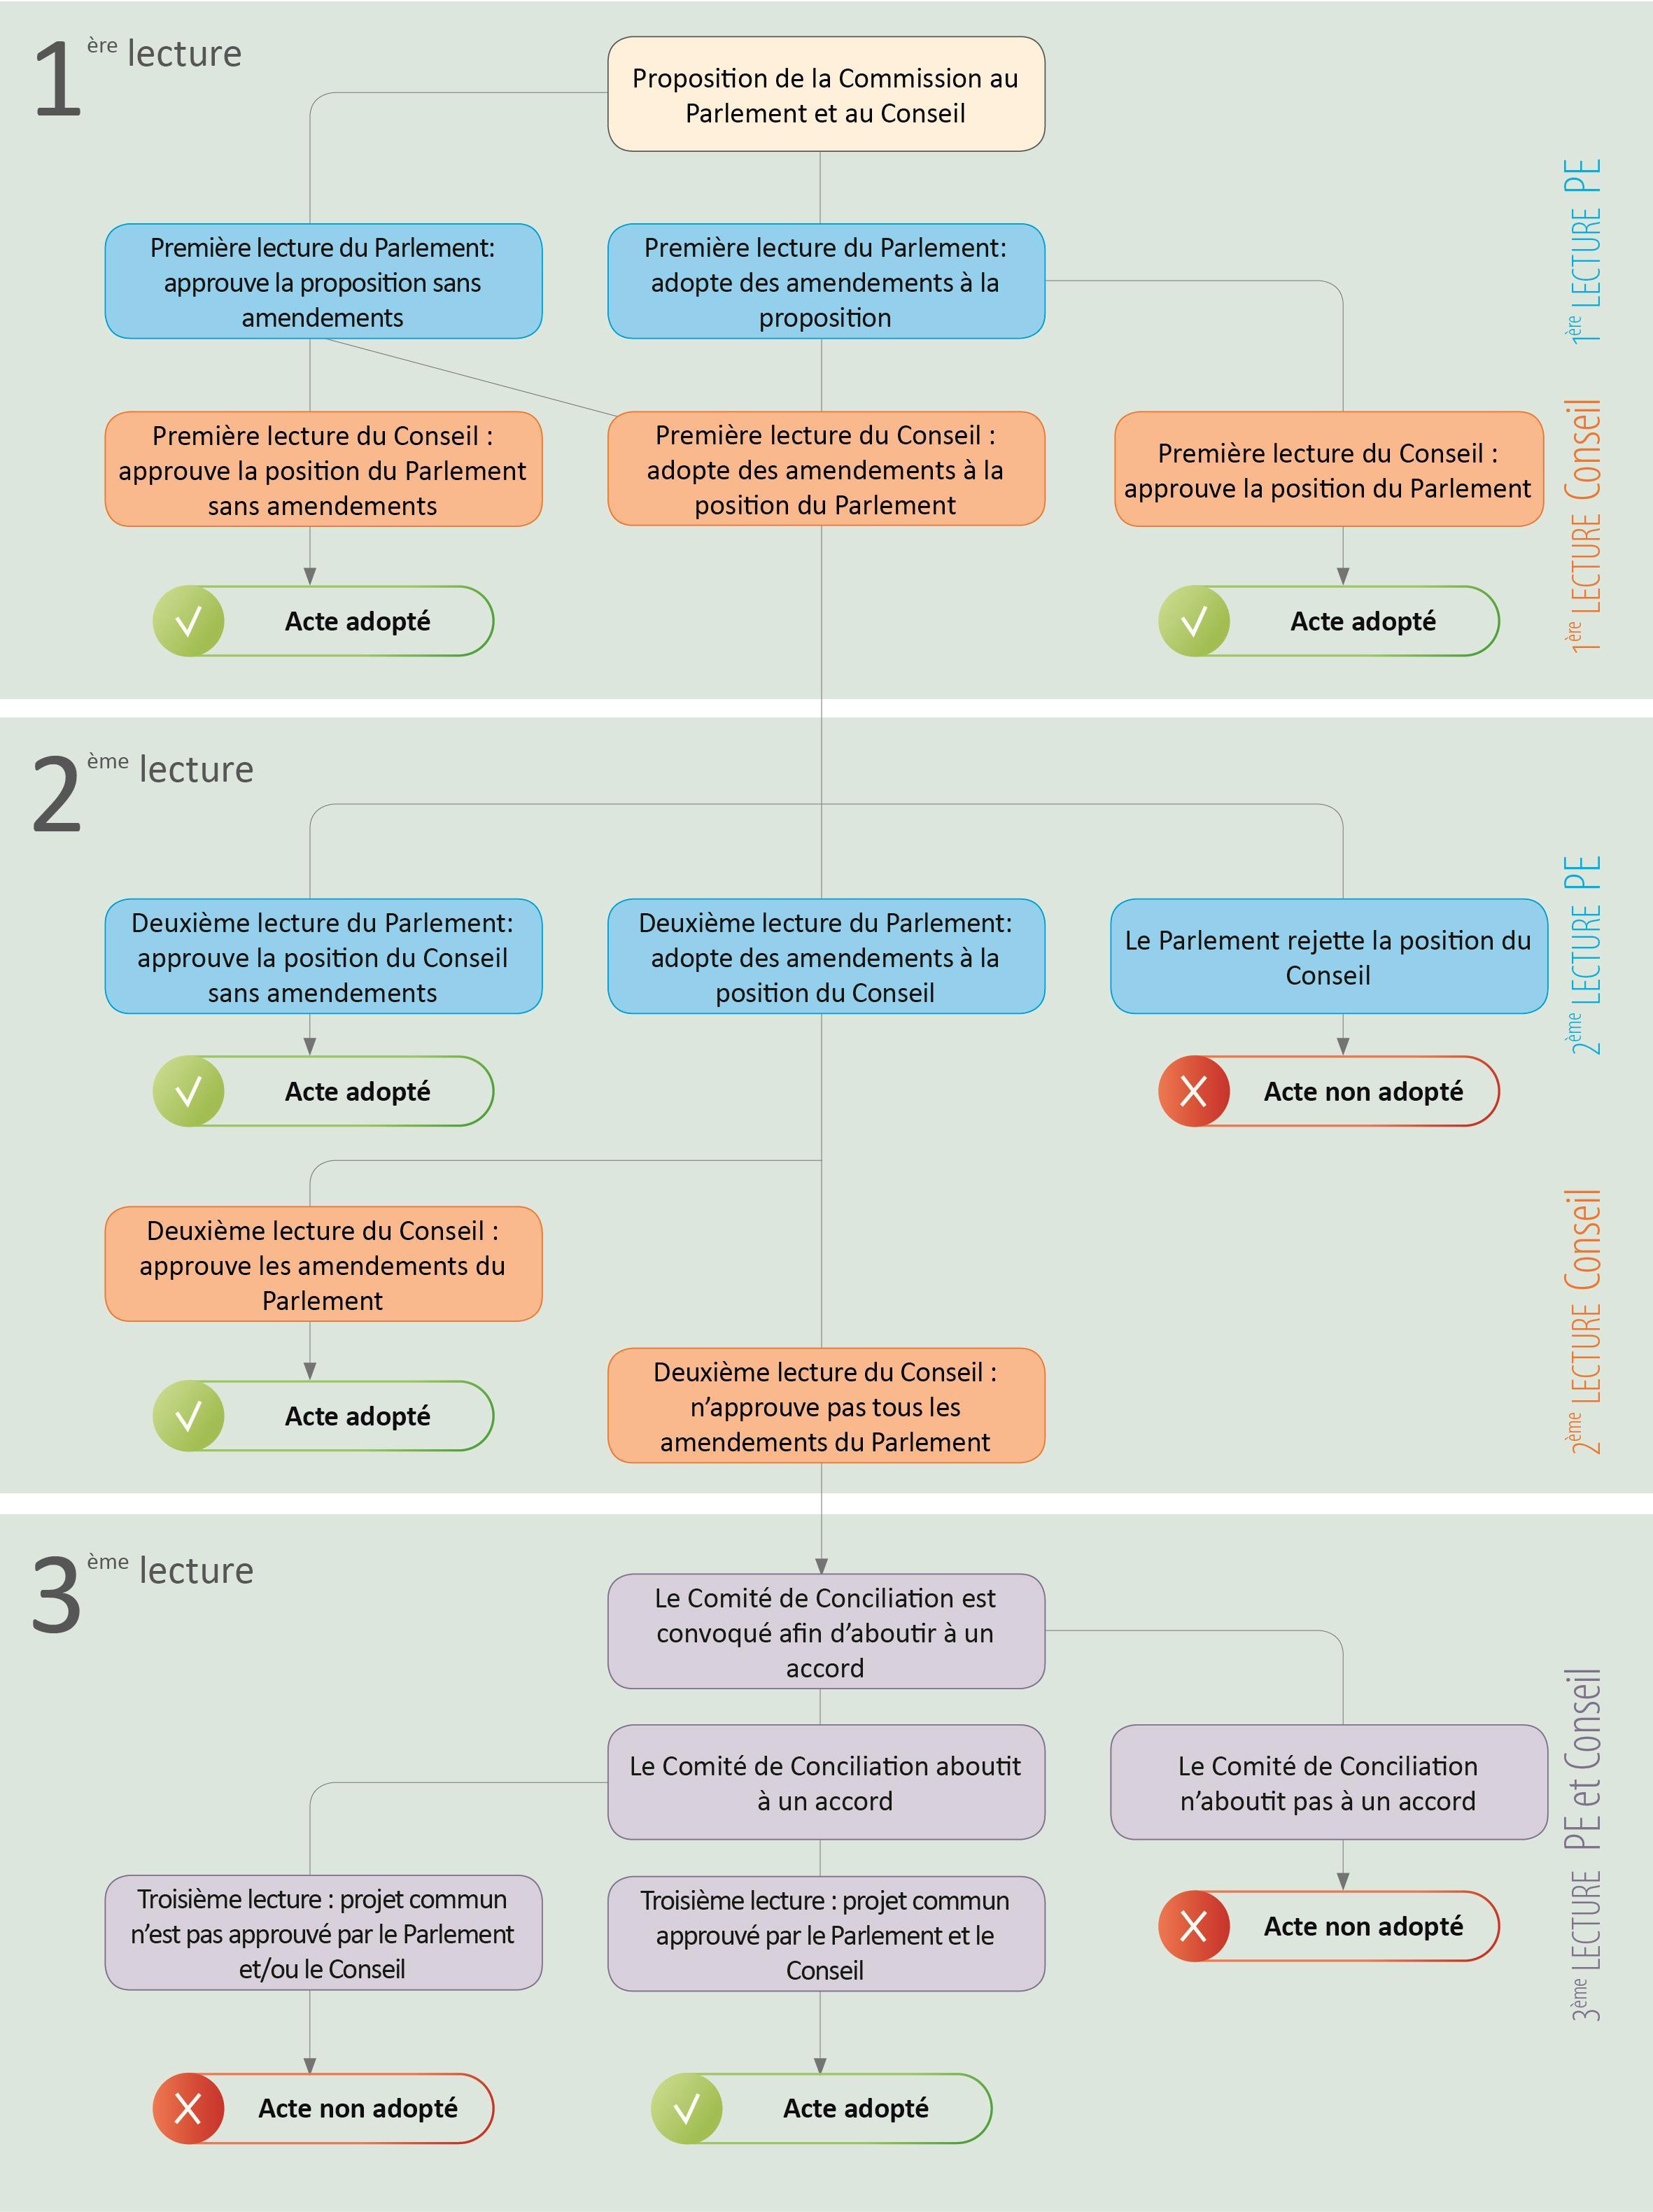 Graphique expliquant les trois étapes de la Procédure Législative Ordinaire